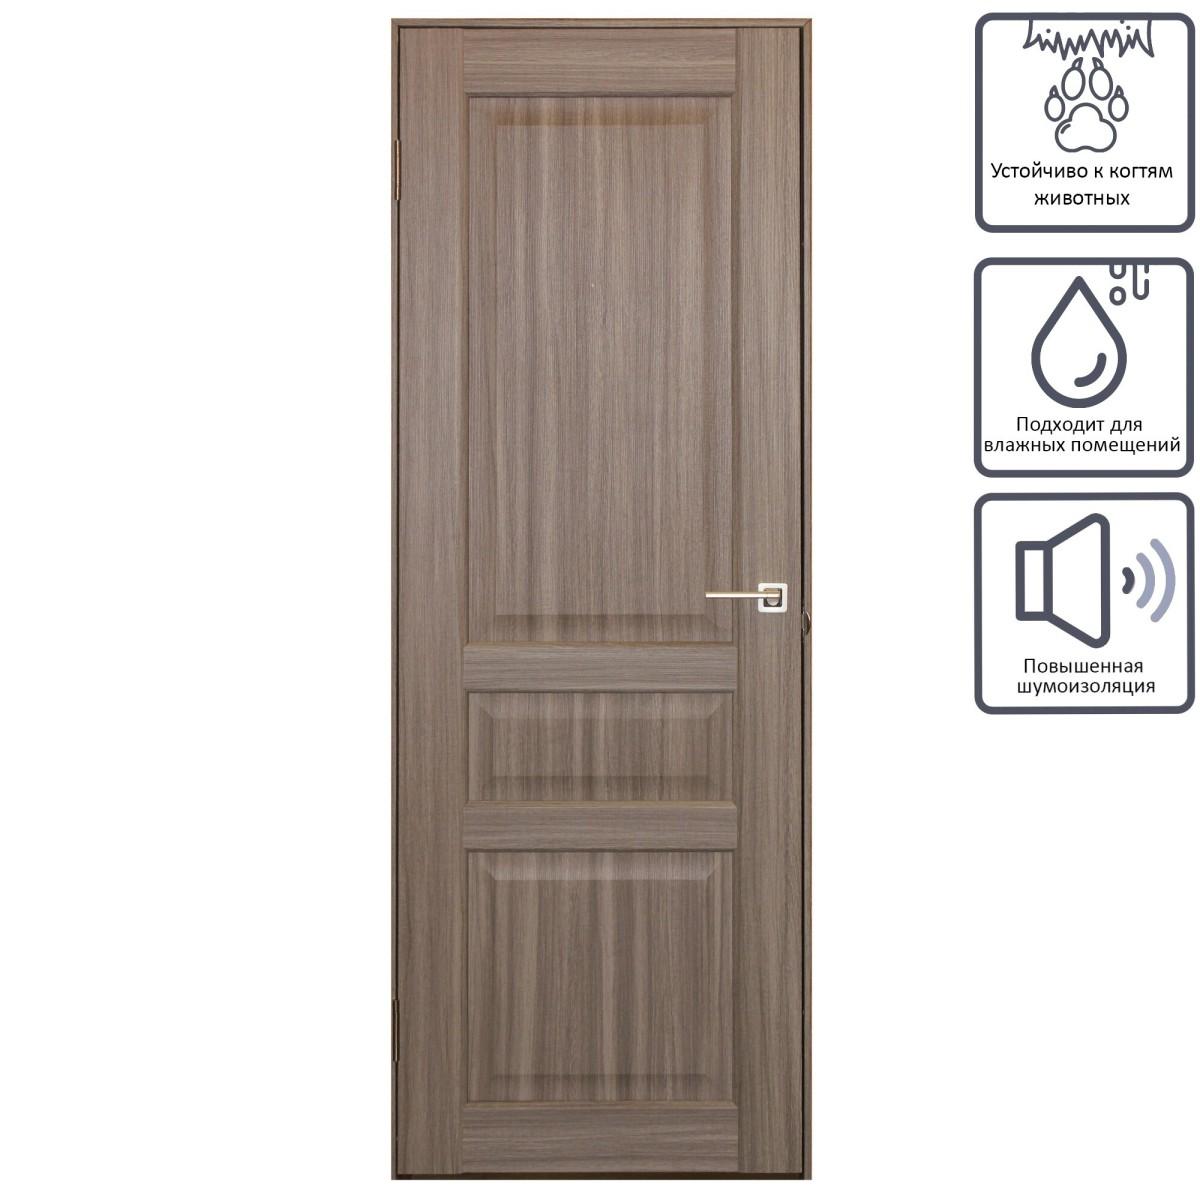 Дверь межкомнатная глухая Artens Мария 90x200 см цвет серый дуб